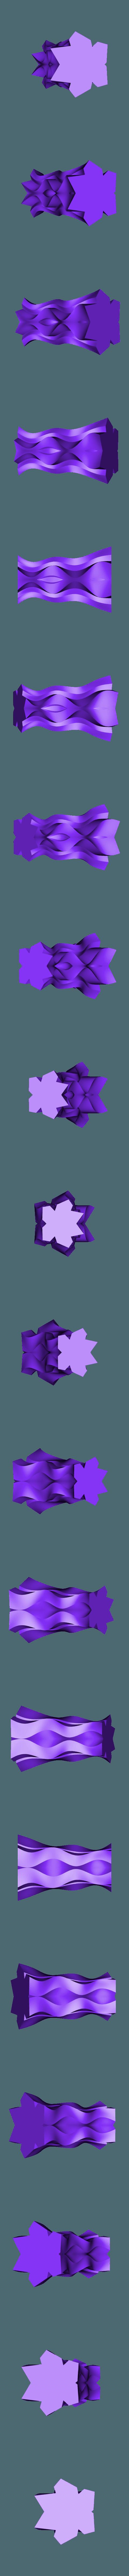 sharp vase.stl Télécharger fichier STL gratuit Vase tranchant • Modèle imprimable en 3D, Brithawkes